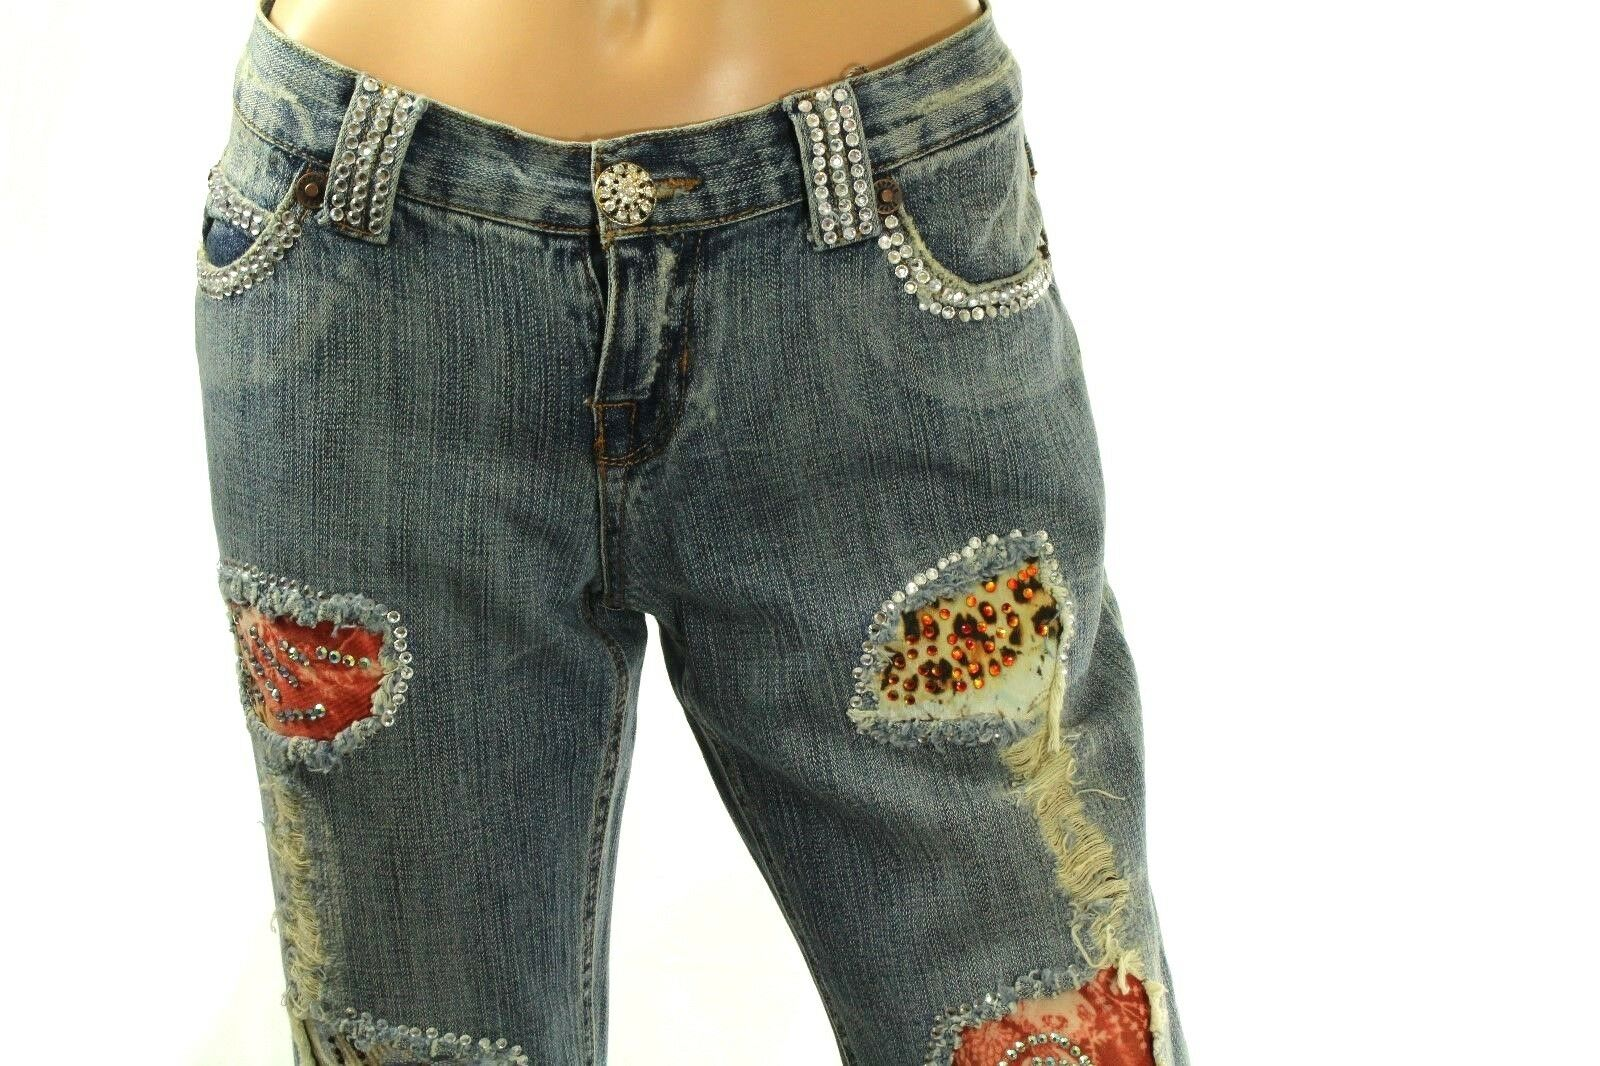 Claudio Milano Damen Swarovski Verziert Jeans Weites Bein Denim Größe 9